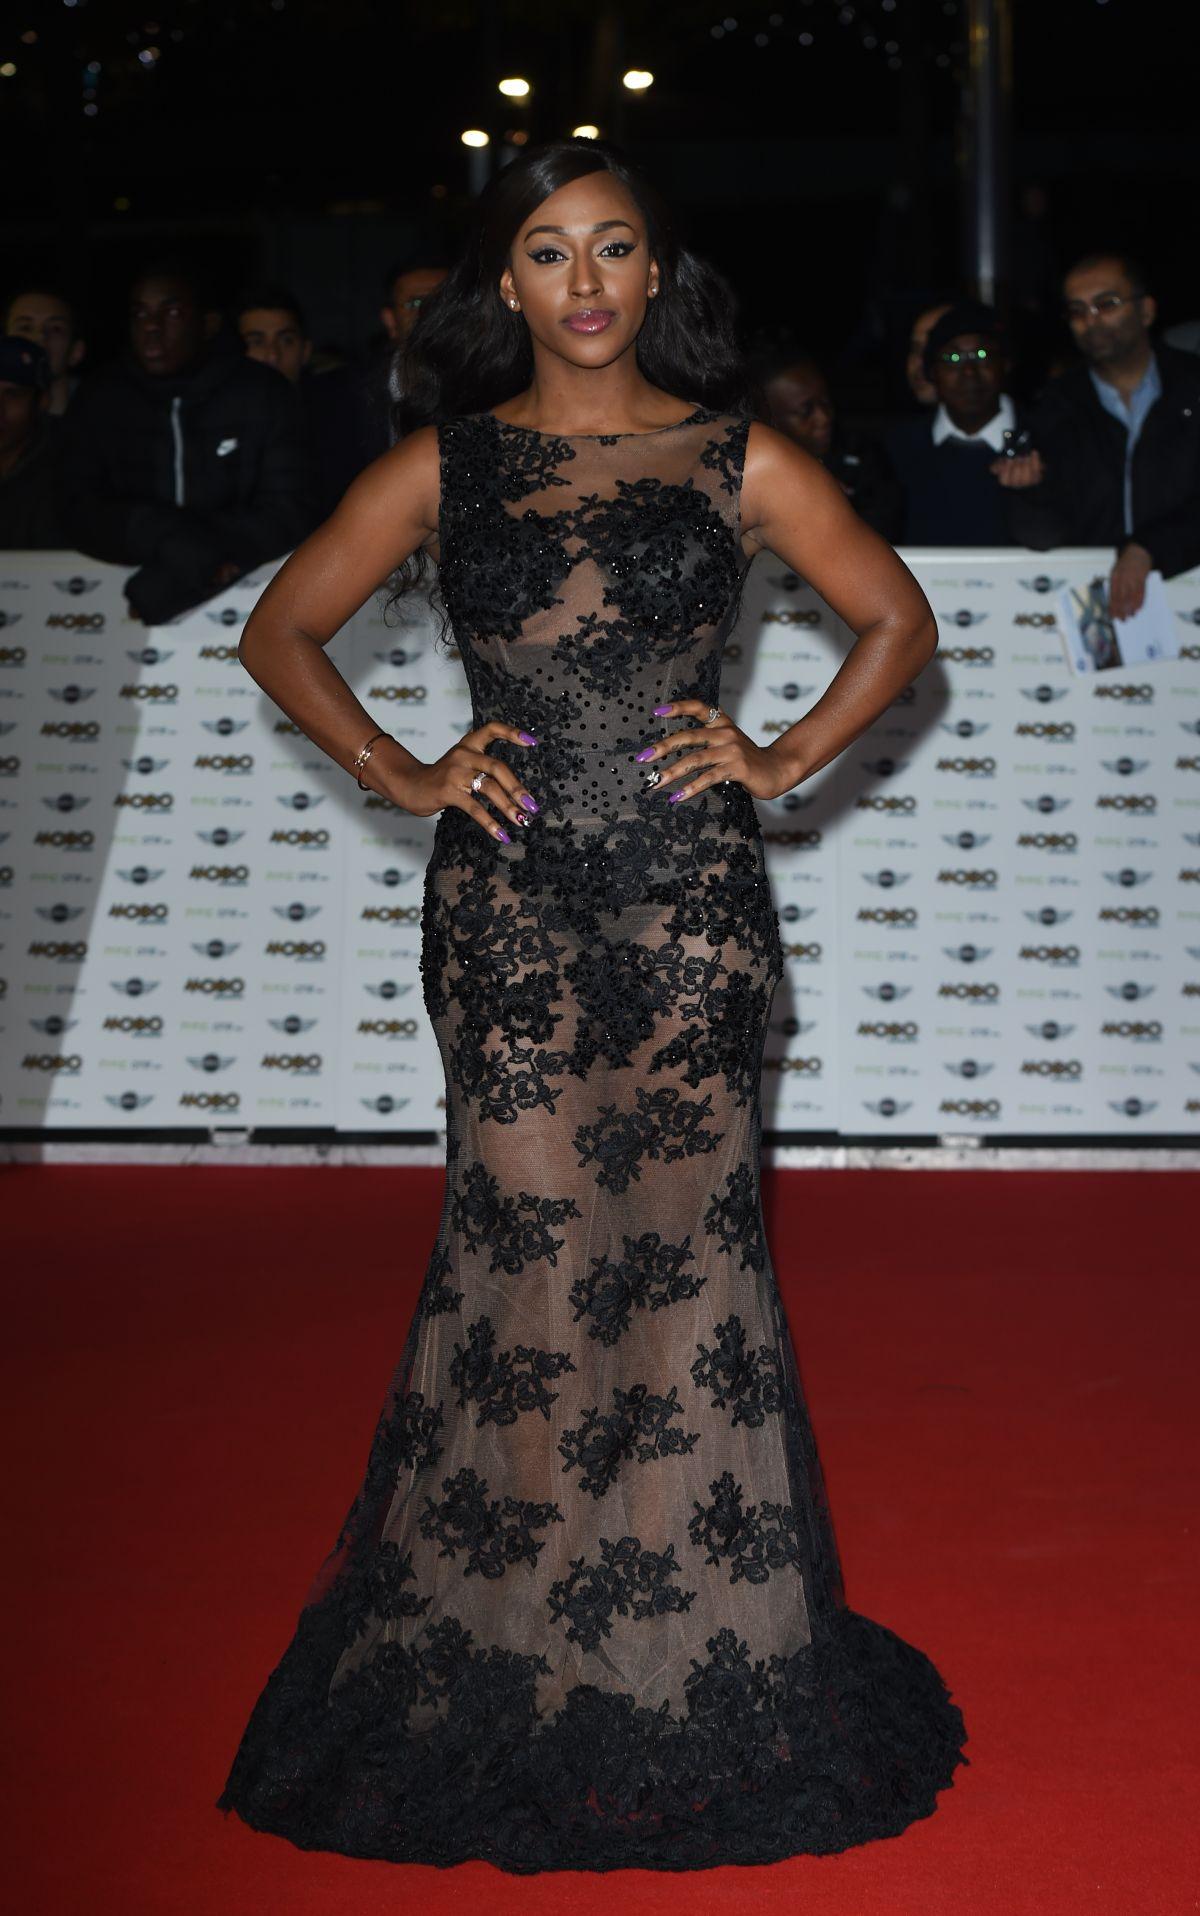 ALEXANDRA BURKE at Mobo Awards in London